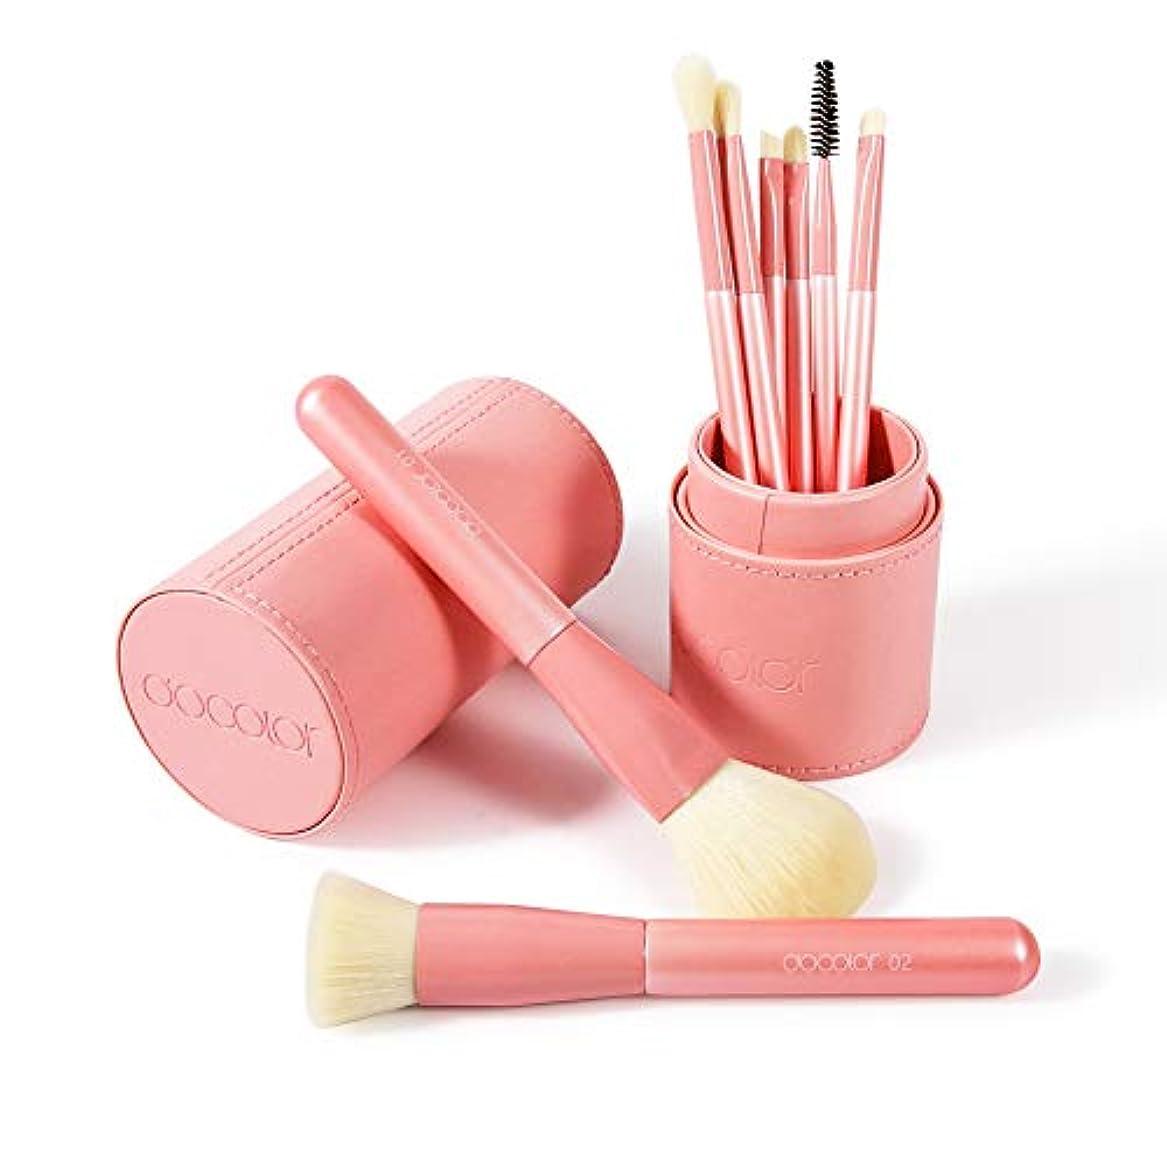 ビバ疼痛自分を引き上げるDocolor ドゥカラー 化粧筆 メイクブラシ8本セット ホルダーケース付き  ピンク